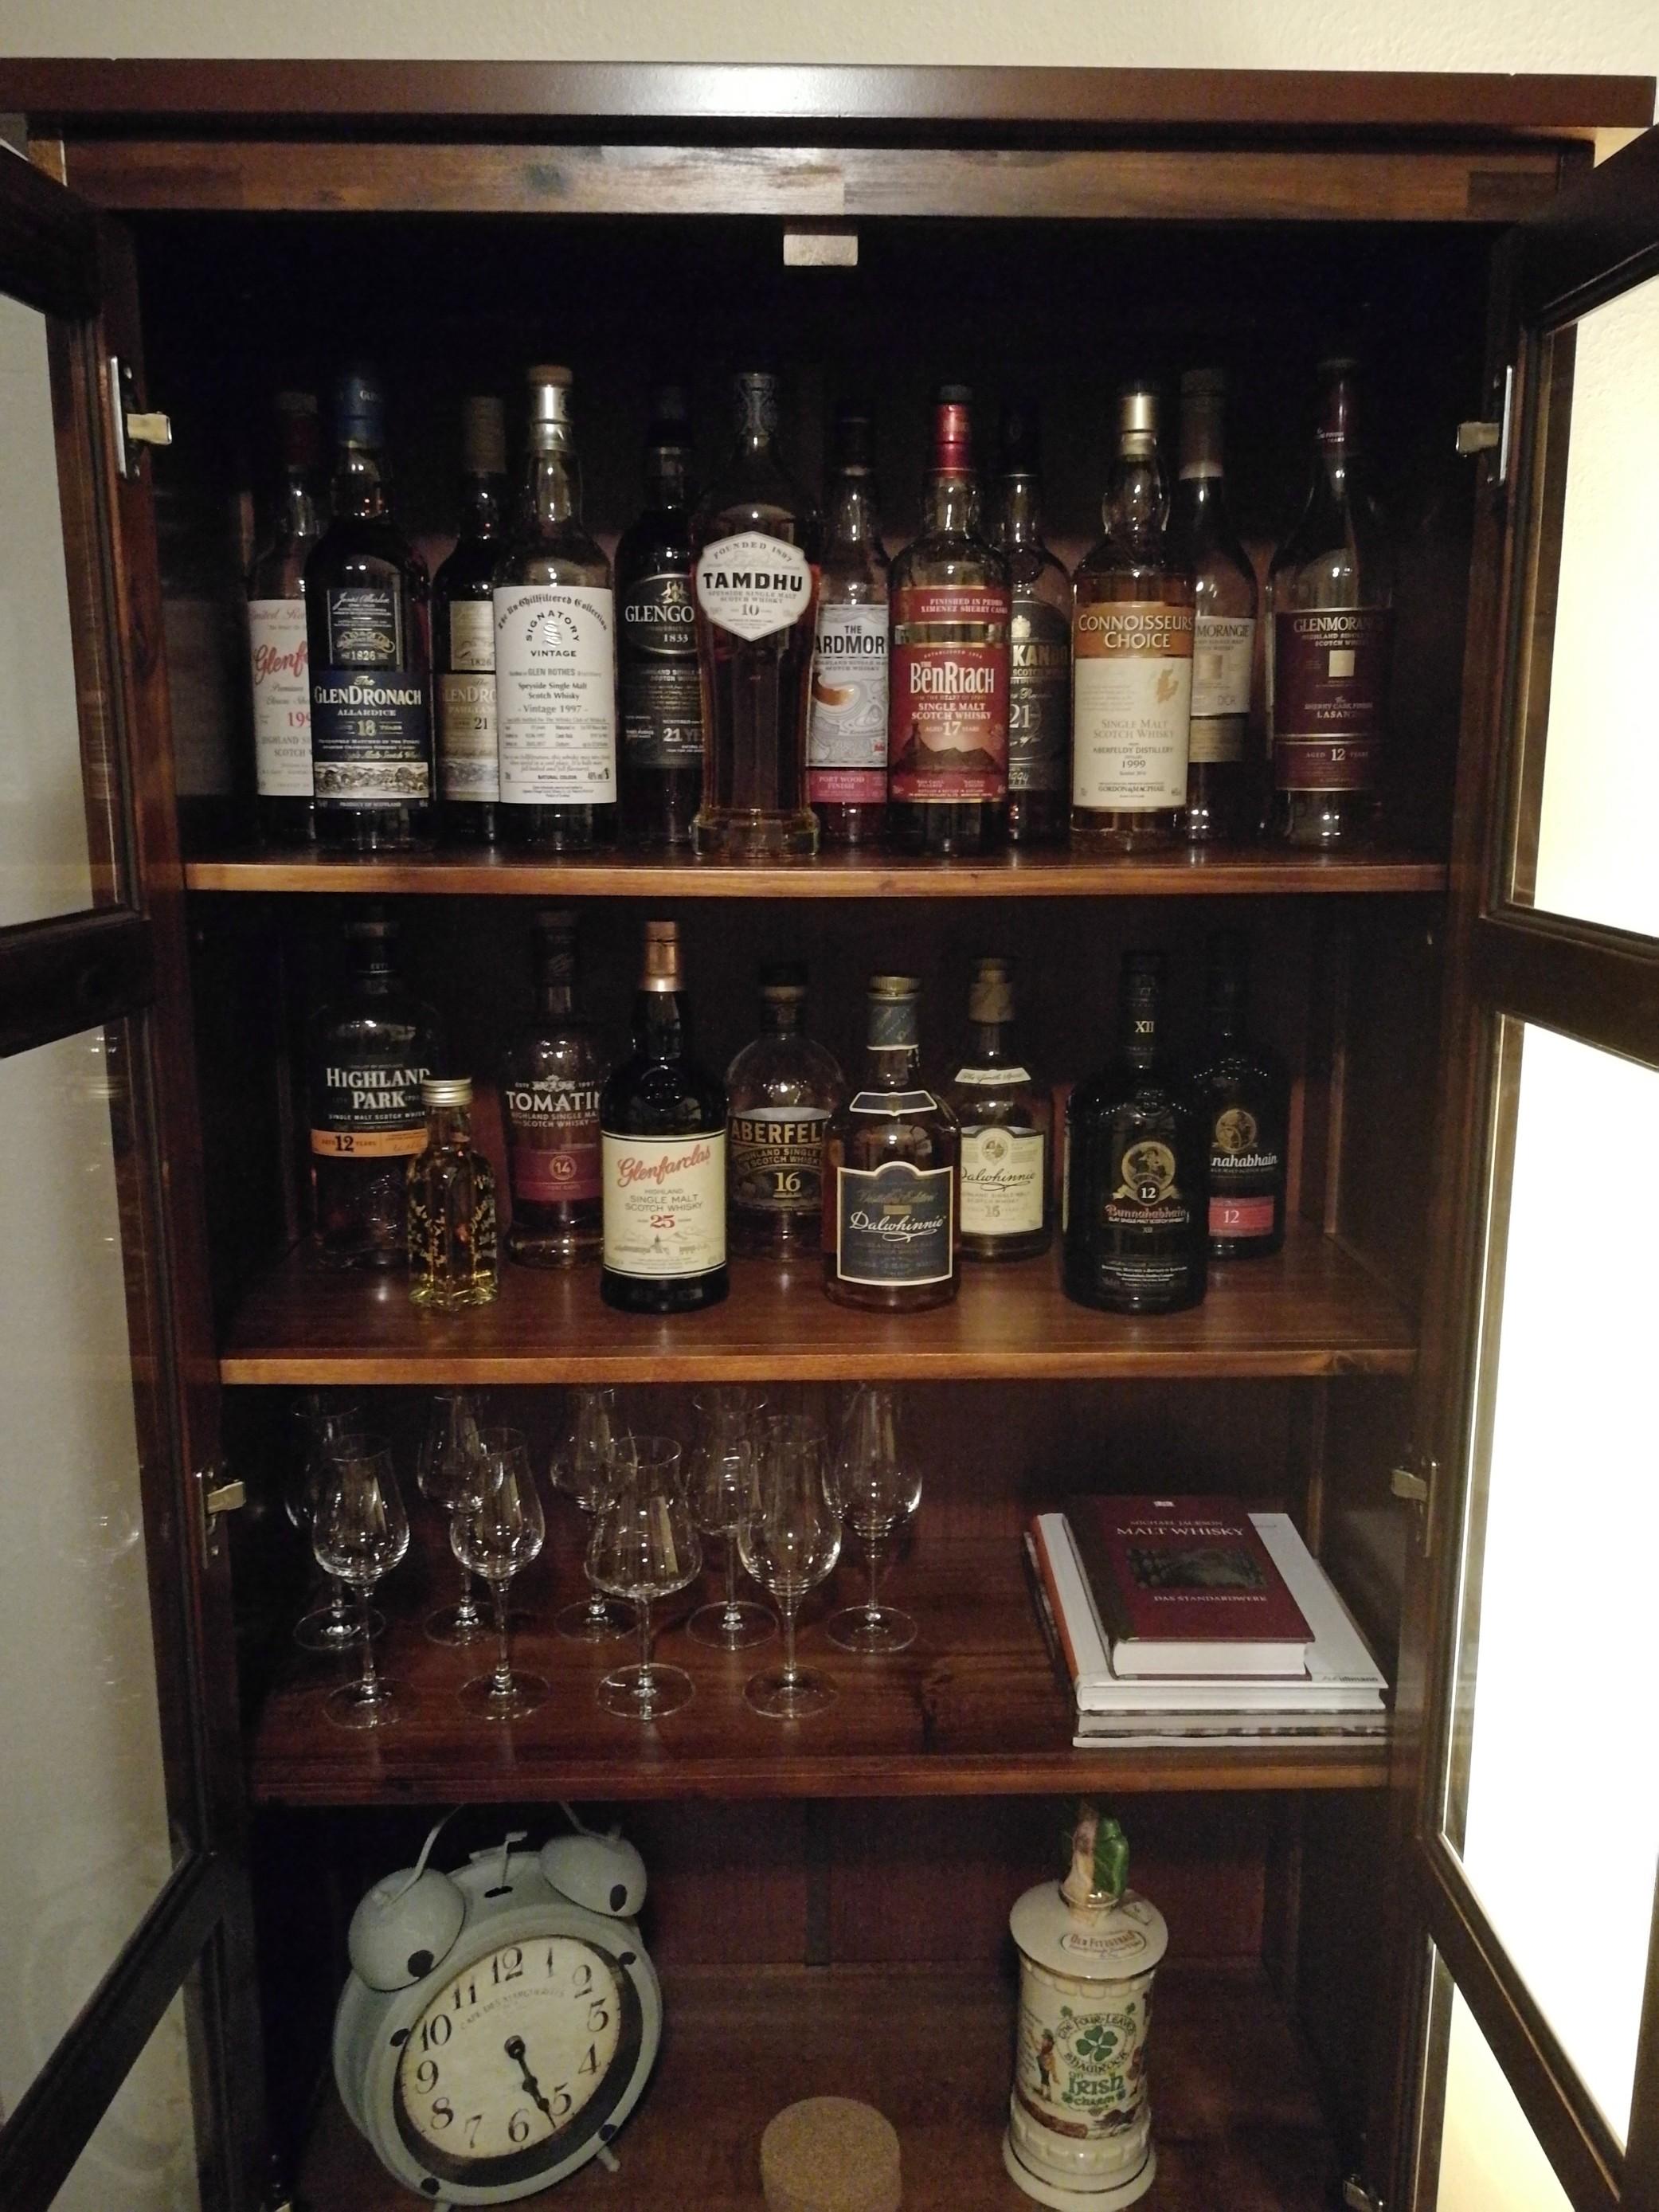 Ansprechendes Whisky-Regal/-schrank - Seite 2 - Forum - Whisky.de